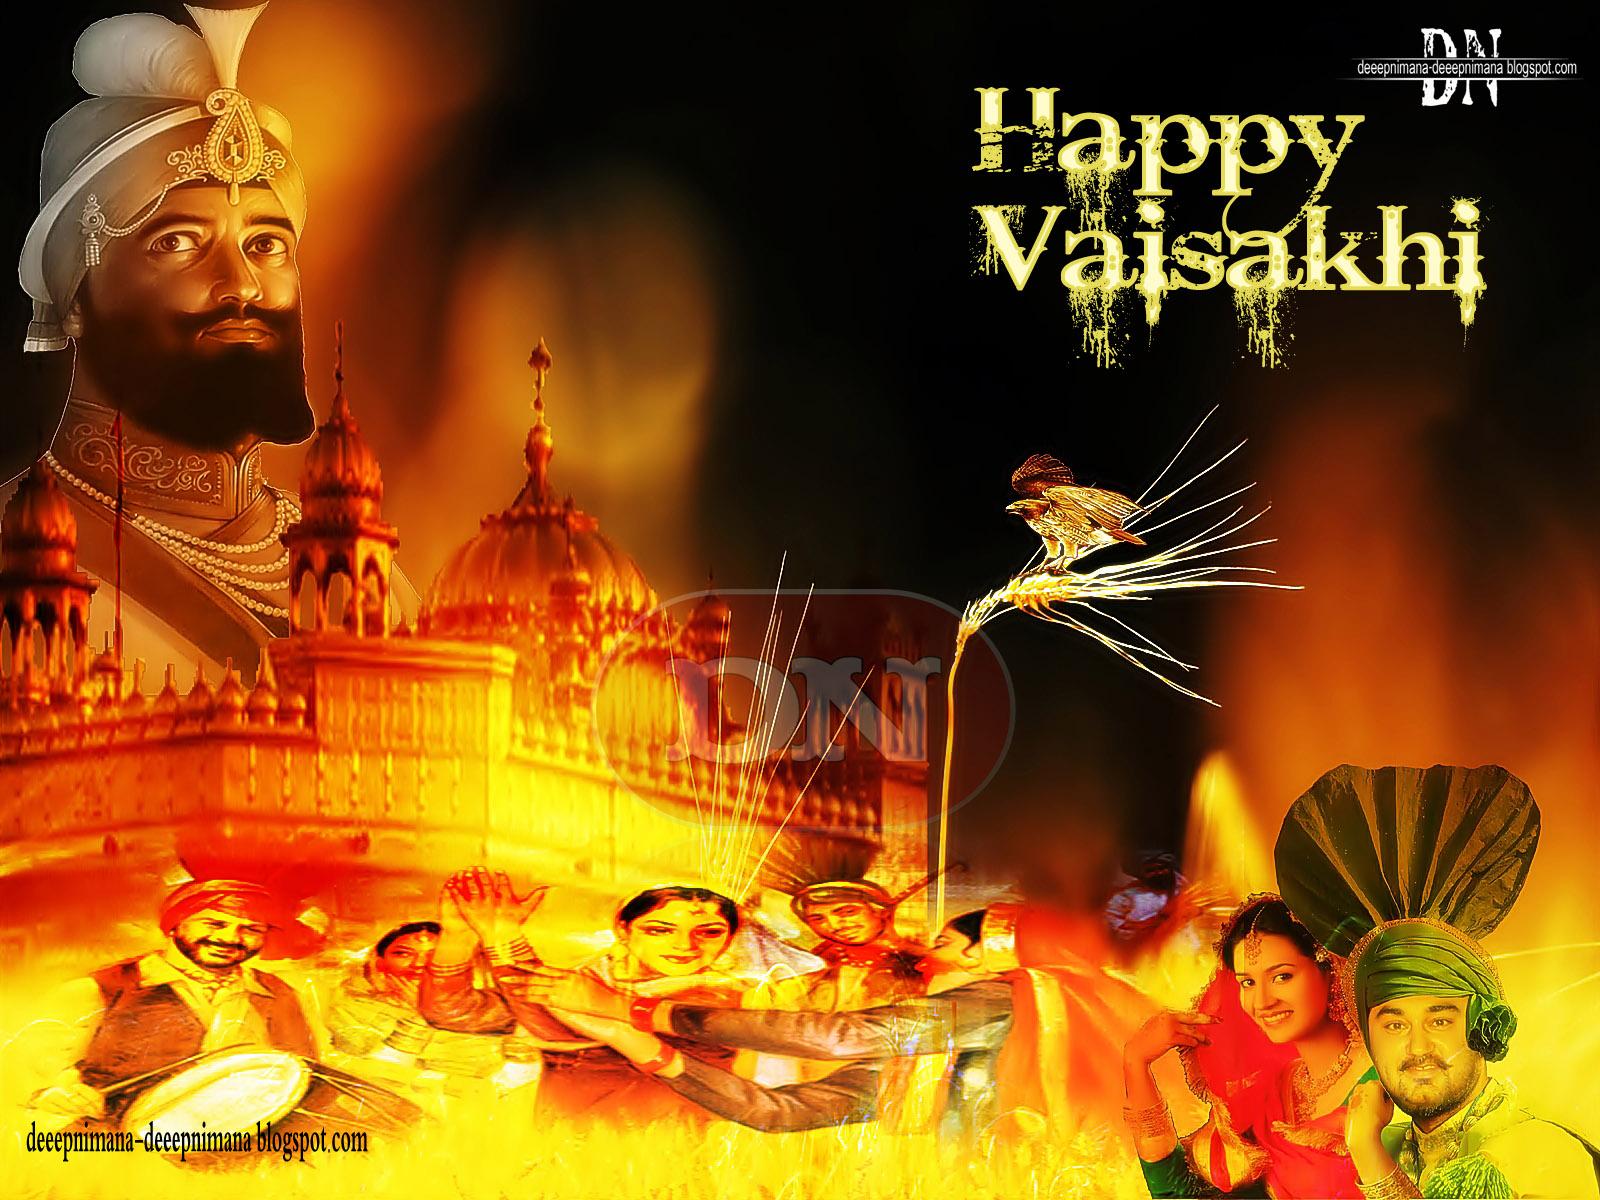 deeepnimana-deeepnimana blogspot.com: vaisakhi wallpapers